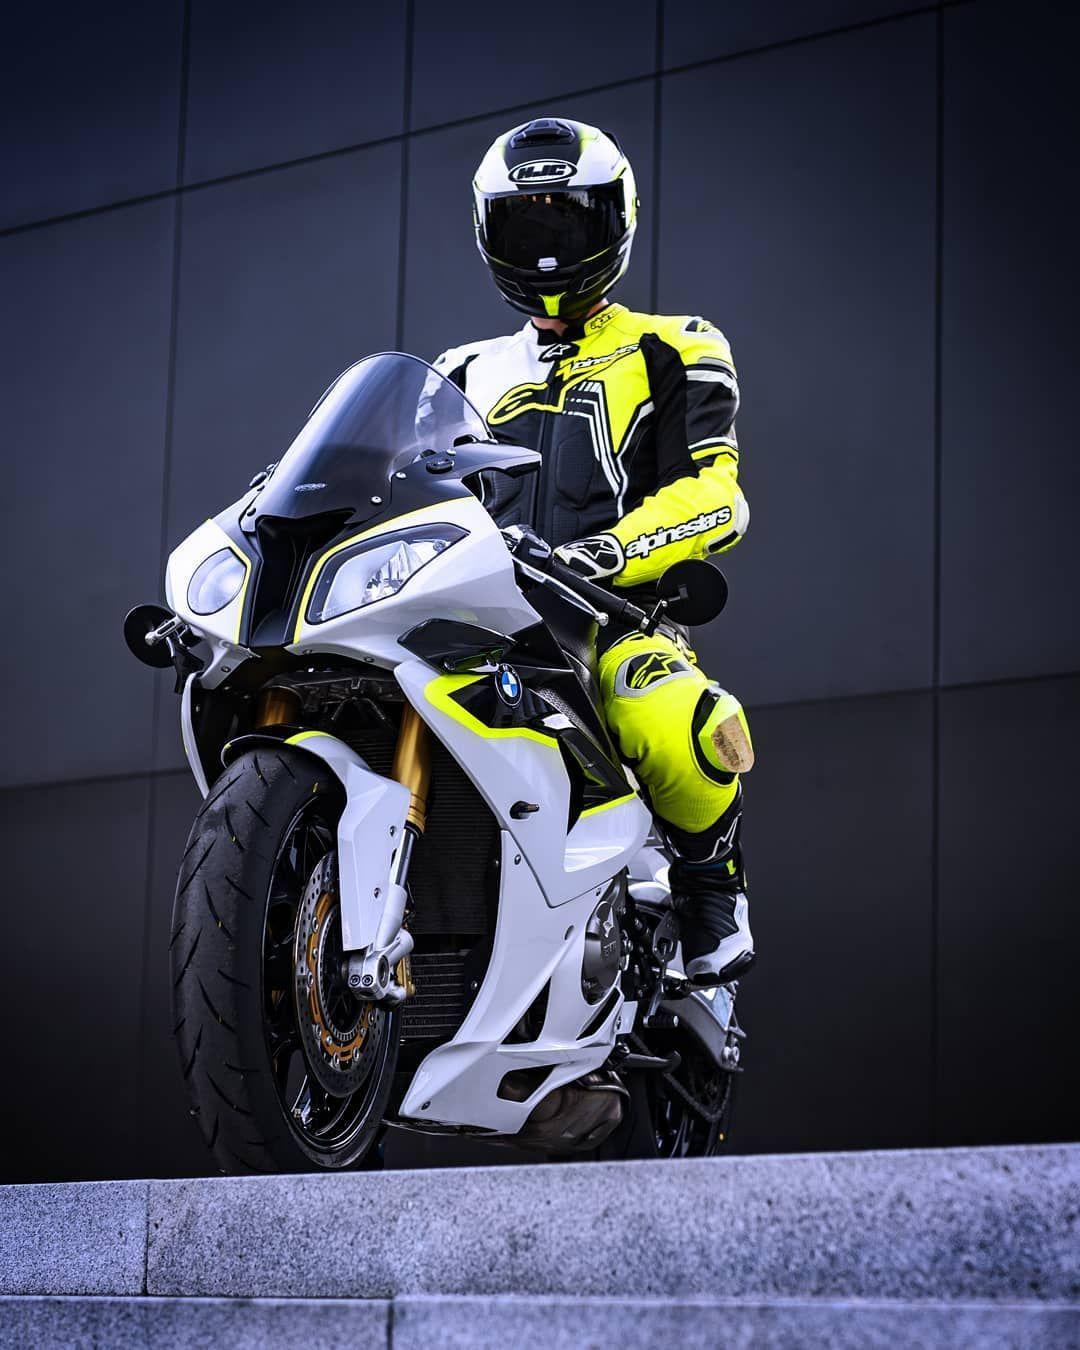 Bmw S1000r S1000rr On Instagram So Ziemlich Das Letzte Bild In Diesem Anzug Geniesst Es Bike Bmwmotorrad S100 In 2020